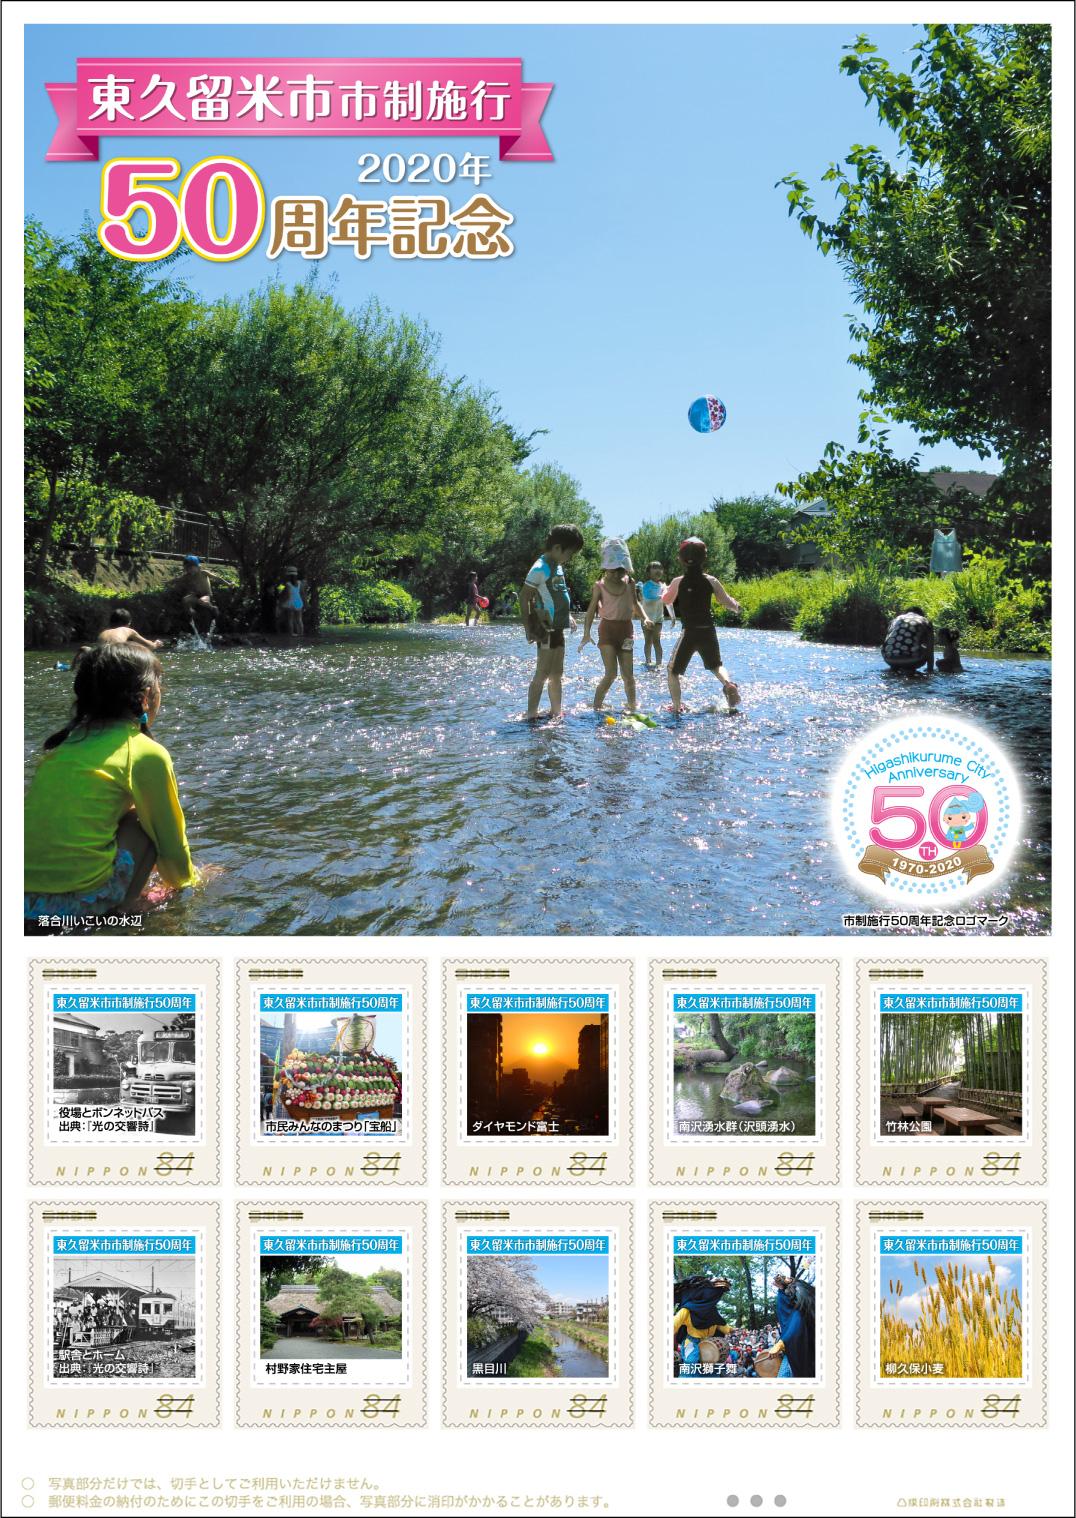 https://www.post.japanpost.jp/kitte_hagaki/stamp/frame/disp.php?type=img&name=1454_1.jpg